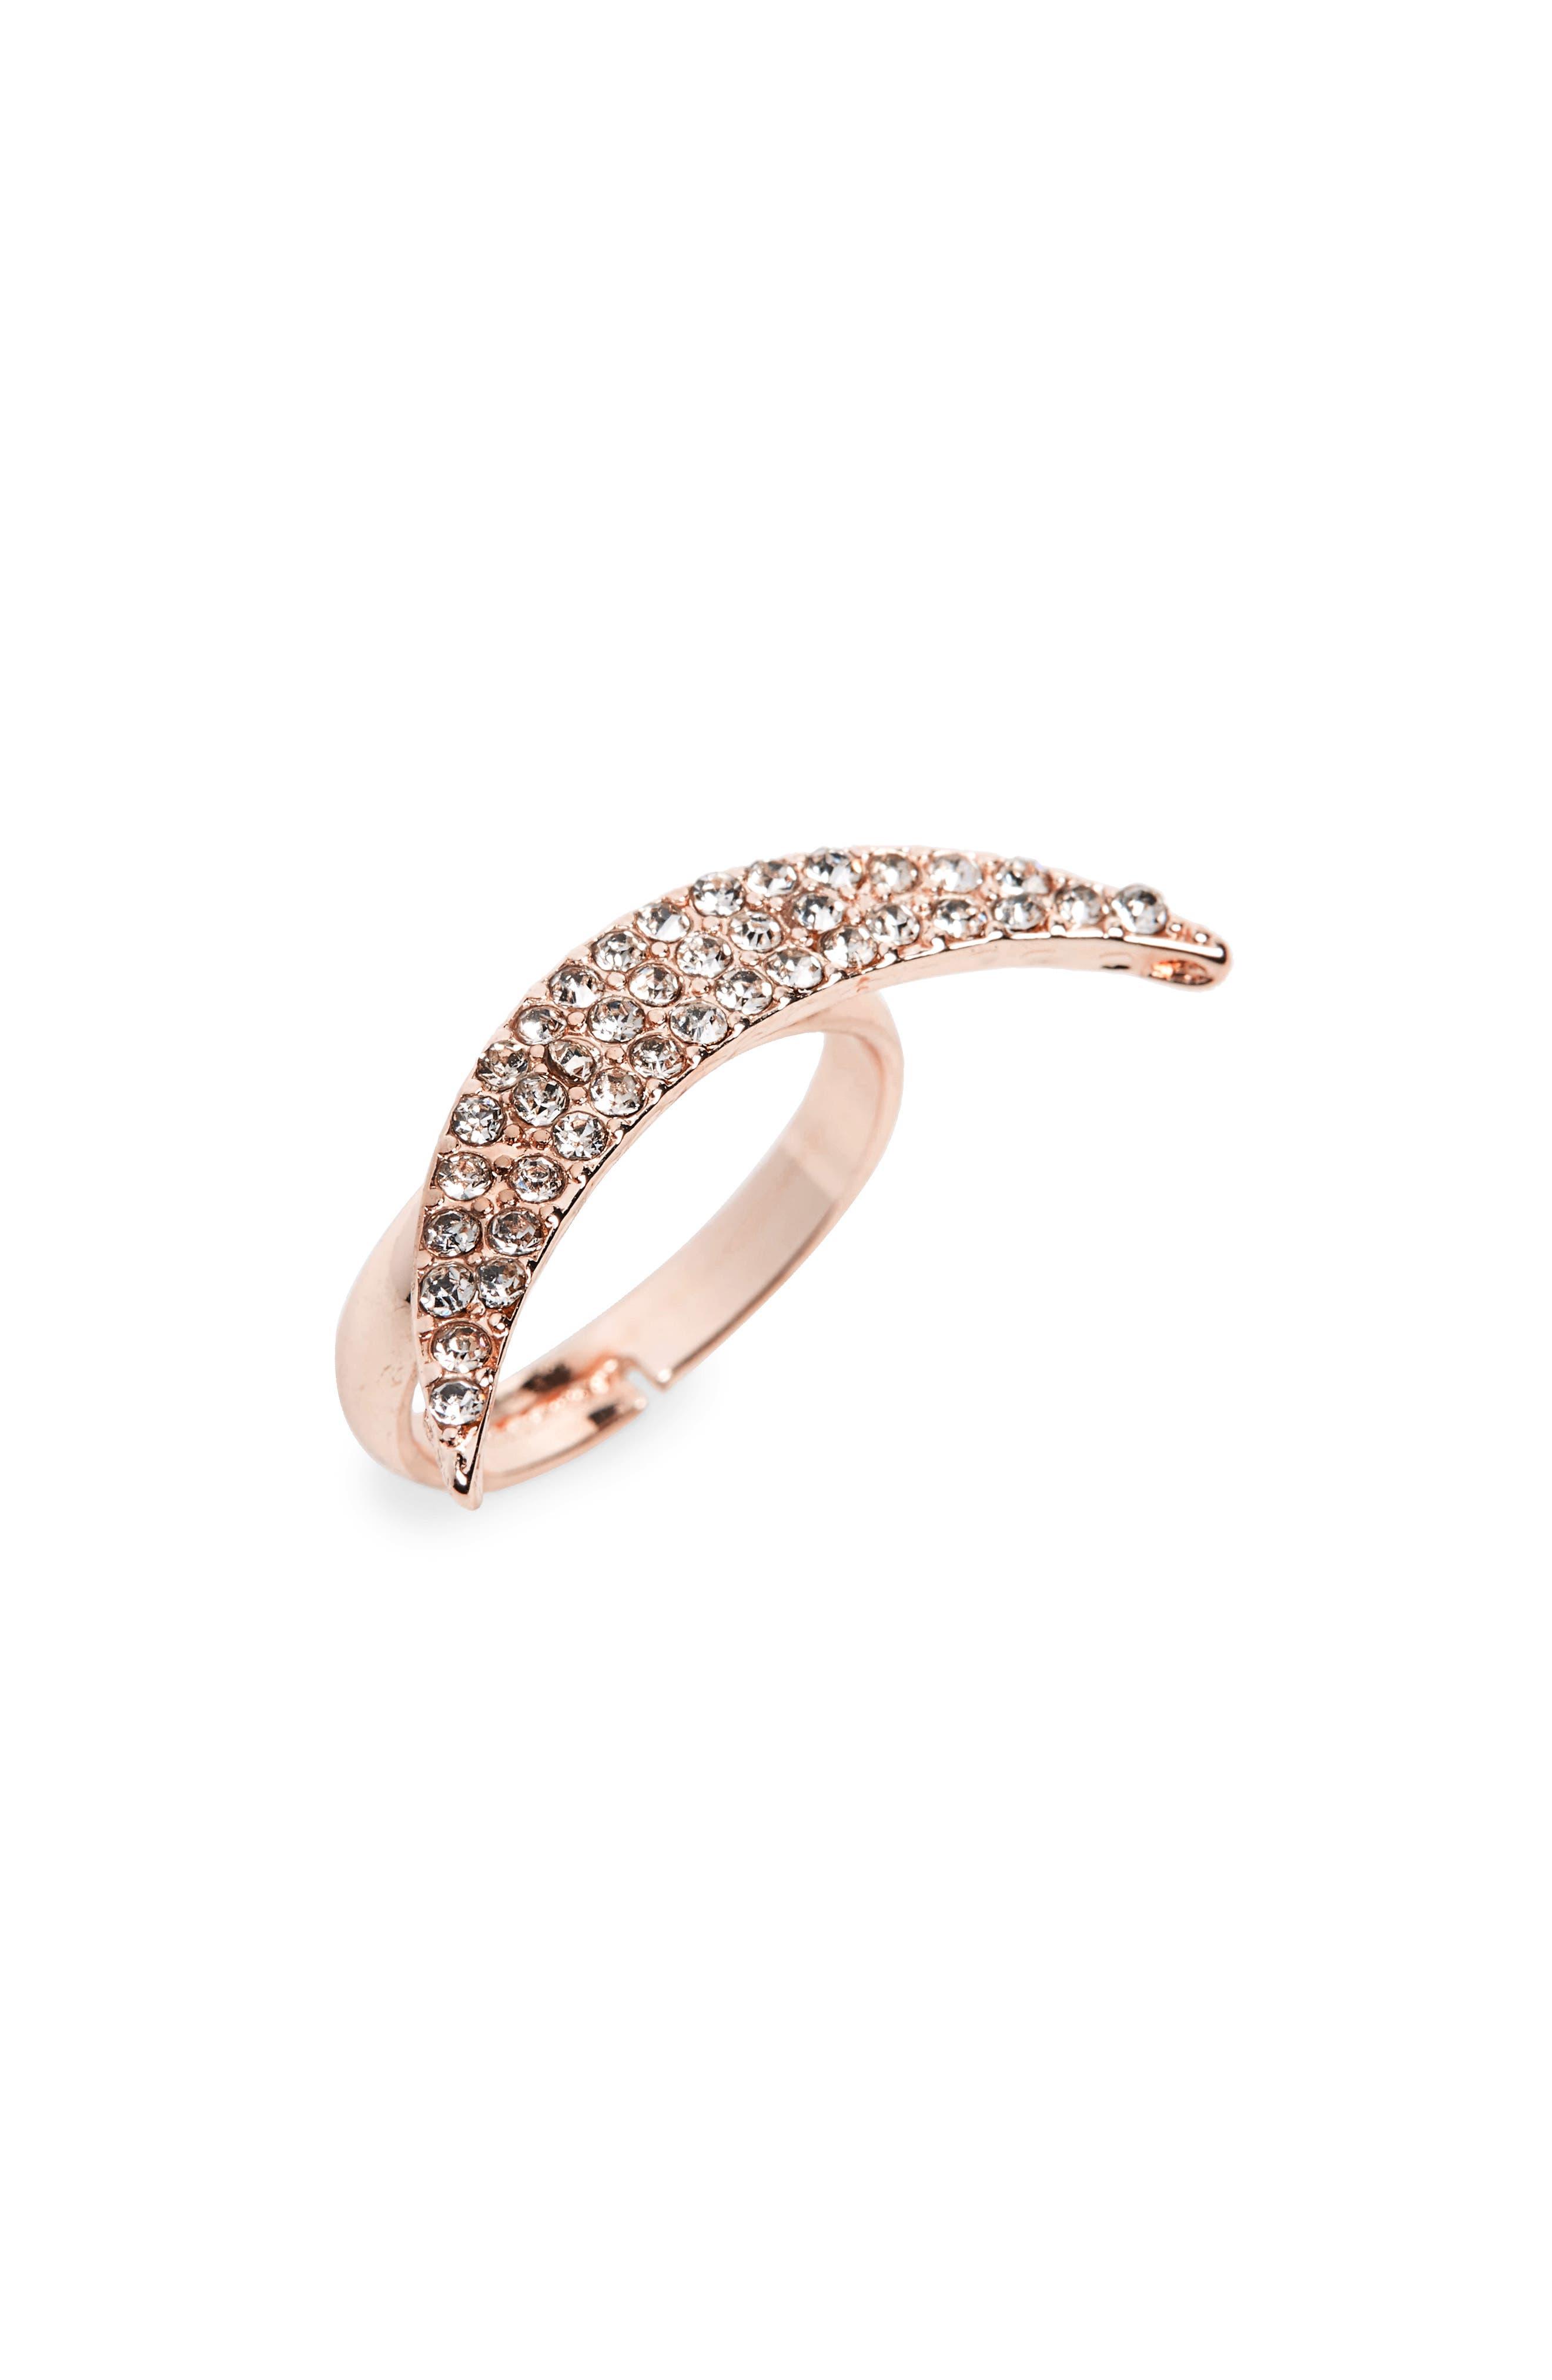 Natasha Half Moon Crystal Ring